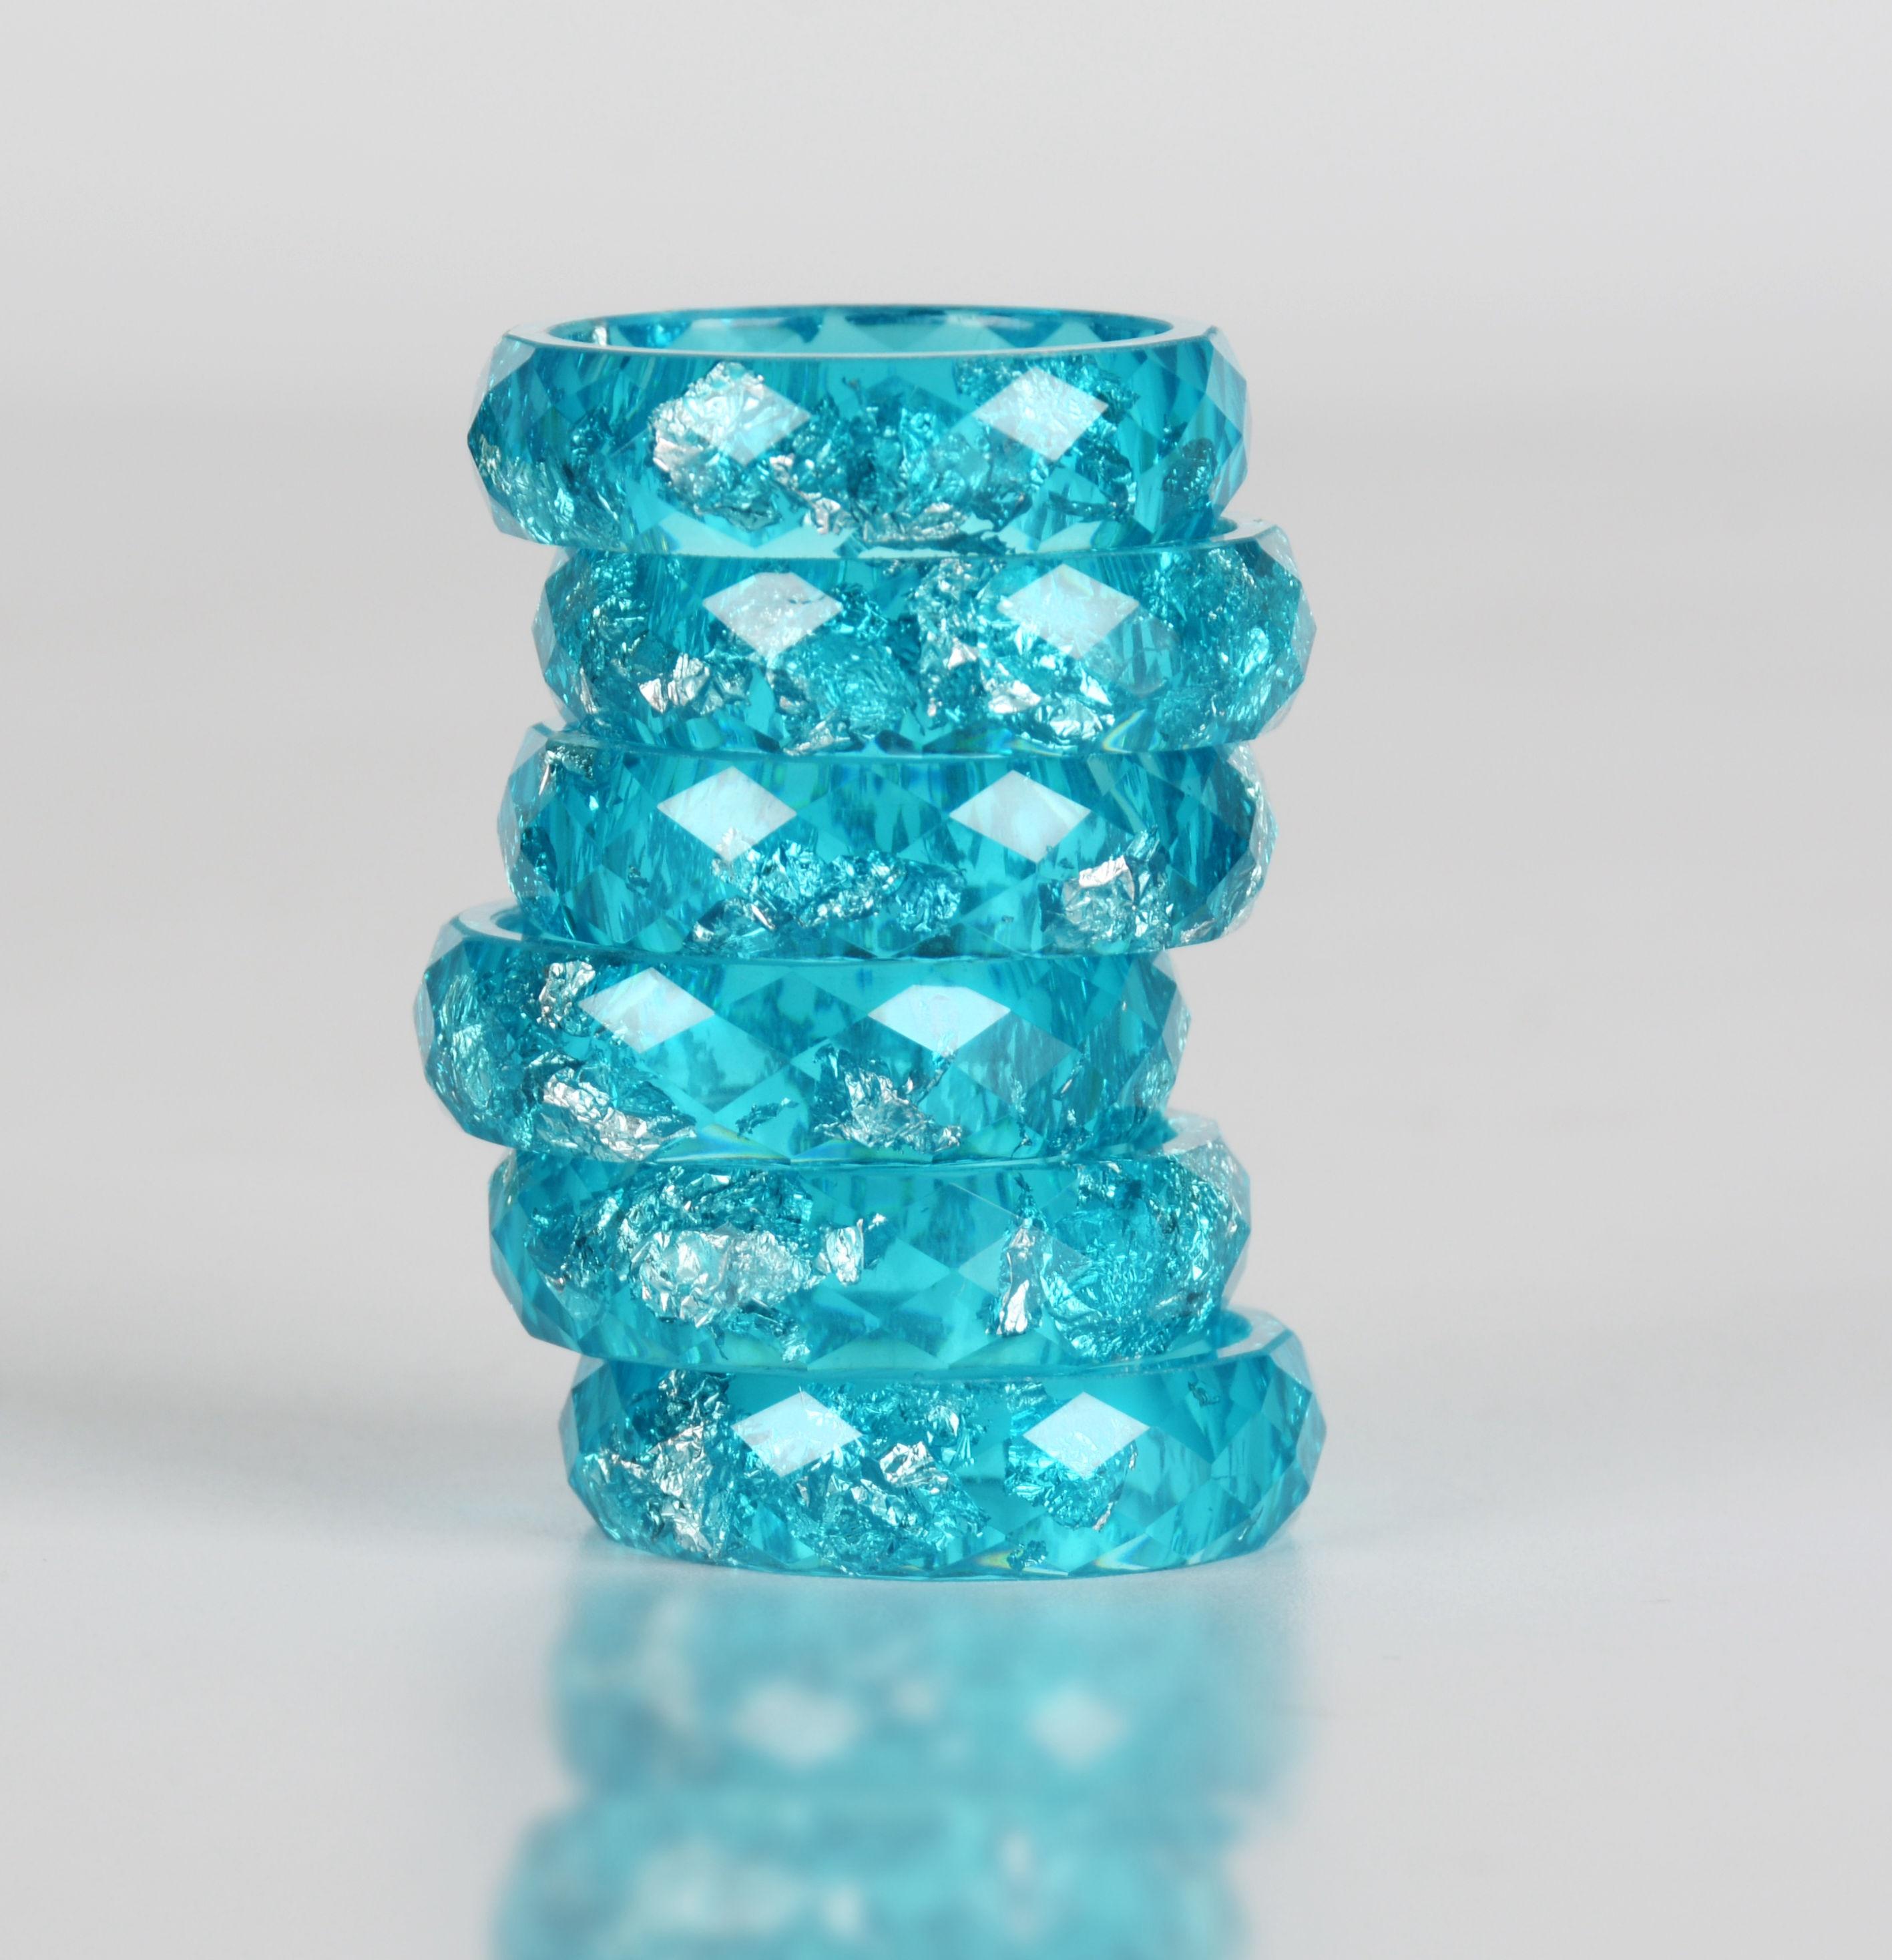 Heda0f41fe1bd4f18ac6a4df60a07c2955 - Crystalic Resin Ring